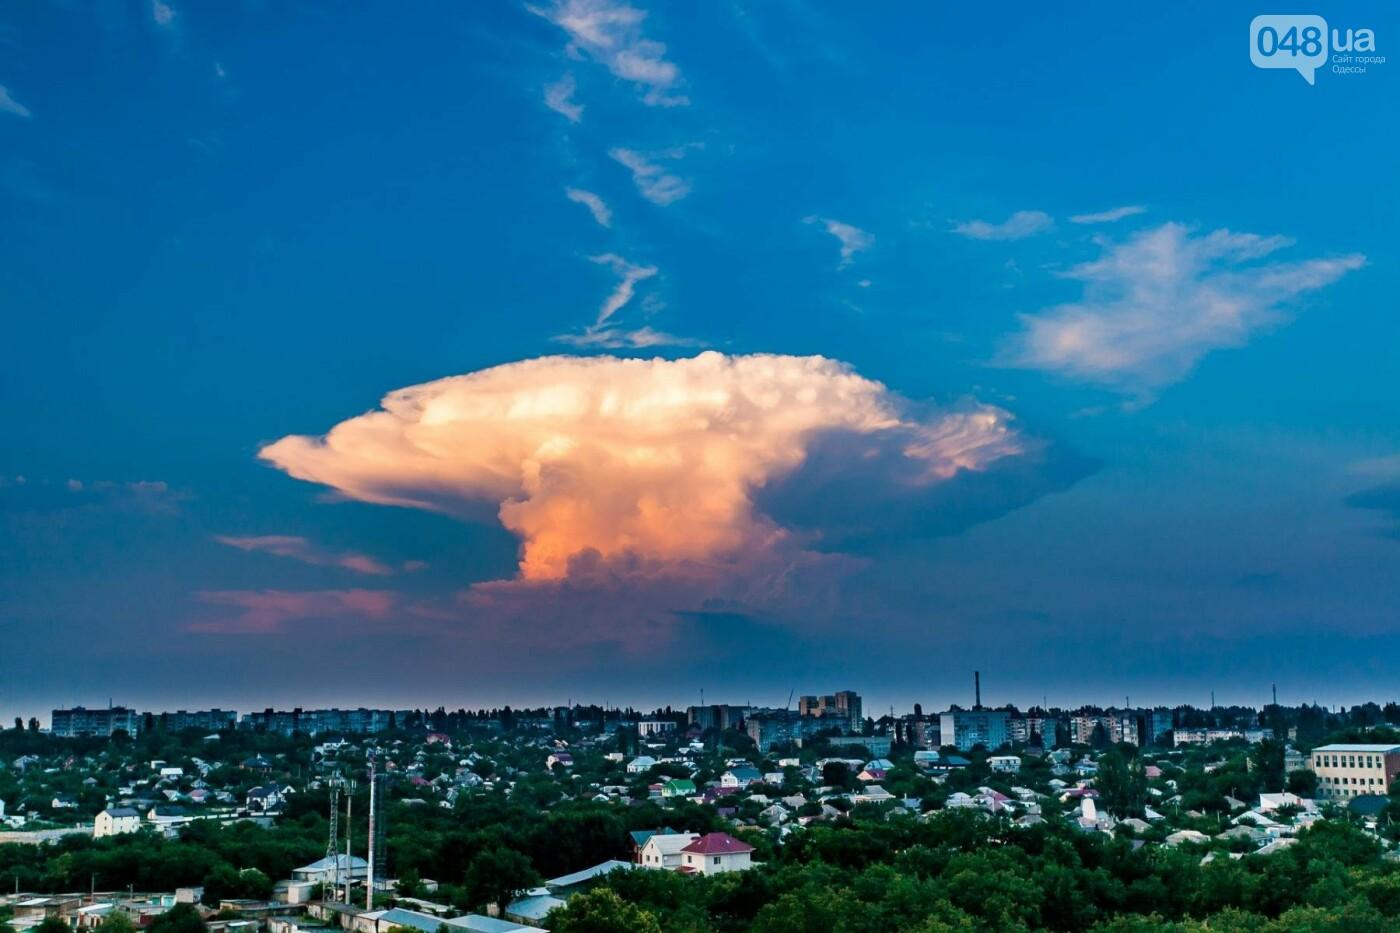 В ста километрах от Одессы сфотографировали облако в виде ядерного гриба, - ФОТО, фото-2